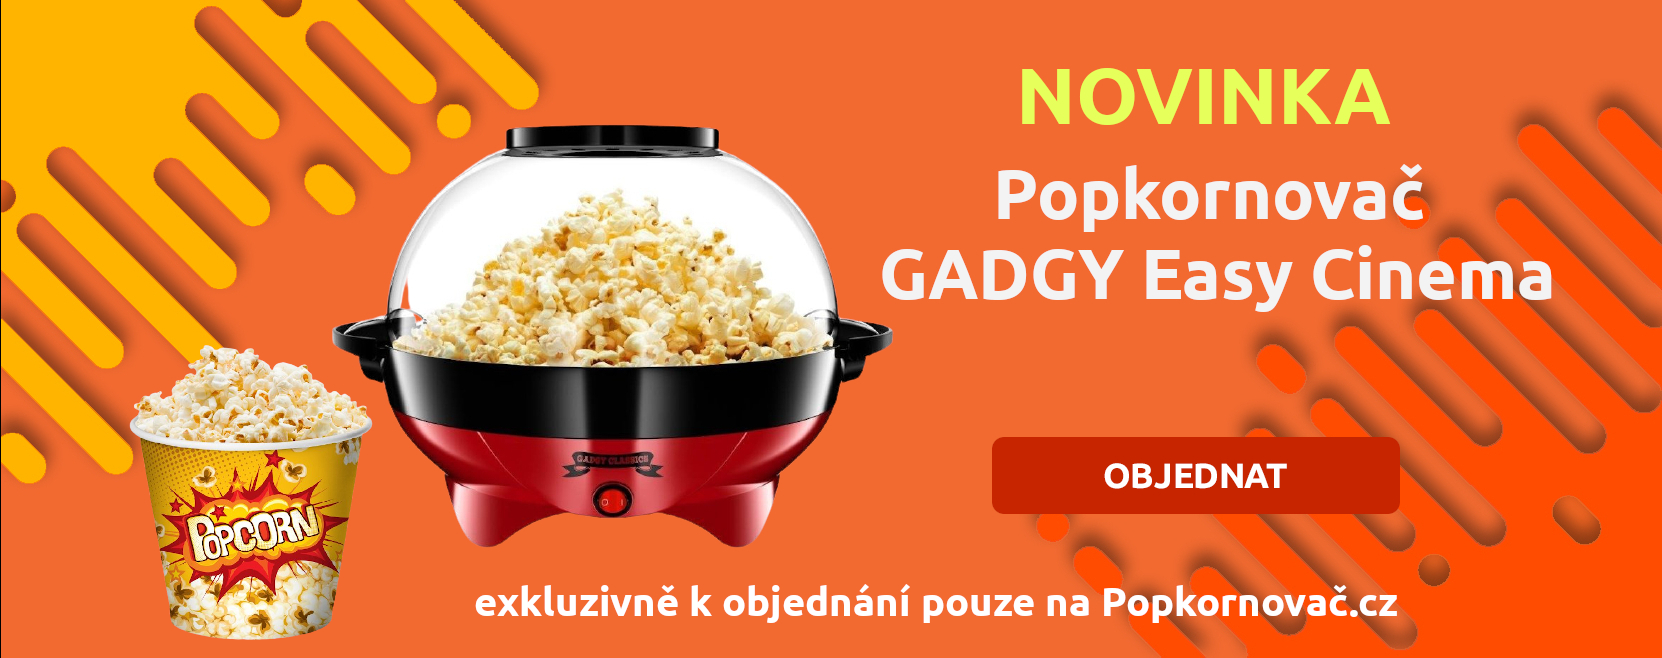 Popkornovač Gadgy Easy Cinema